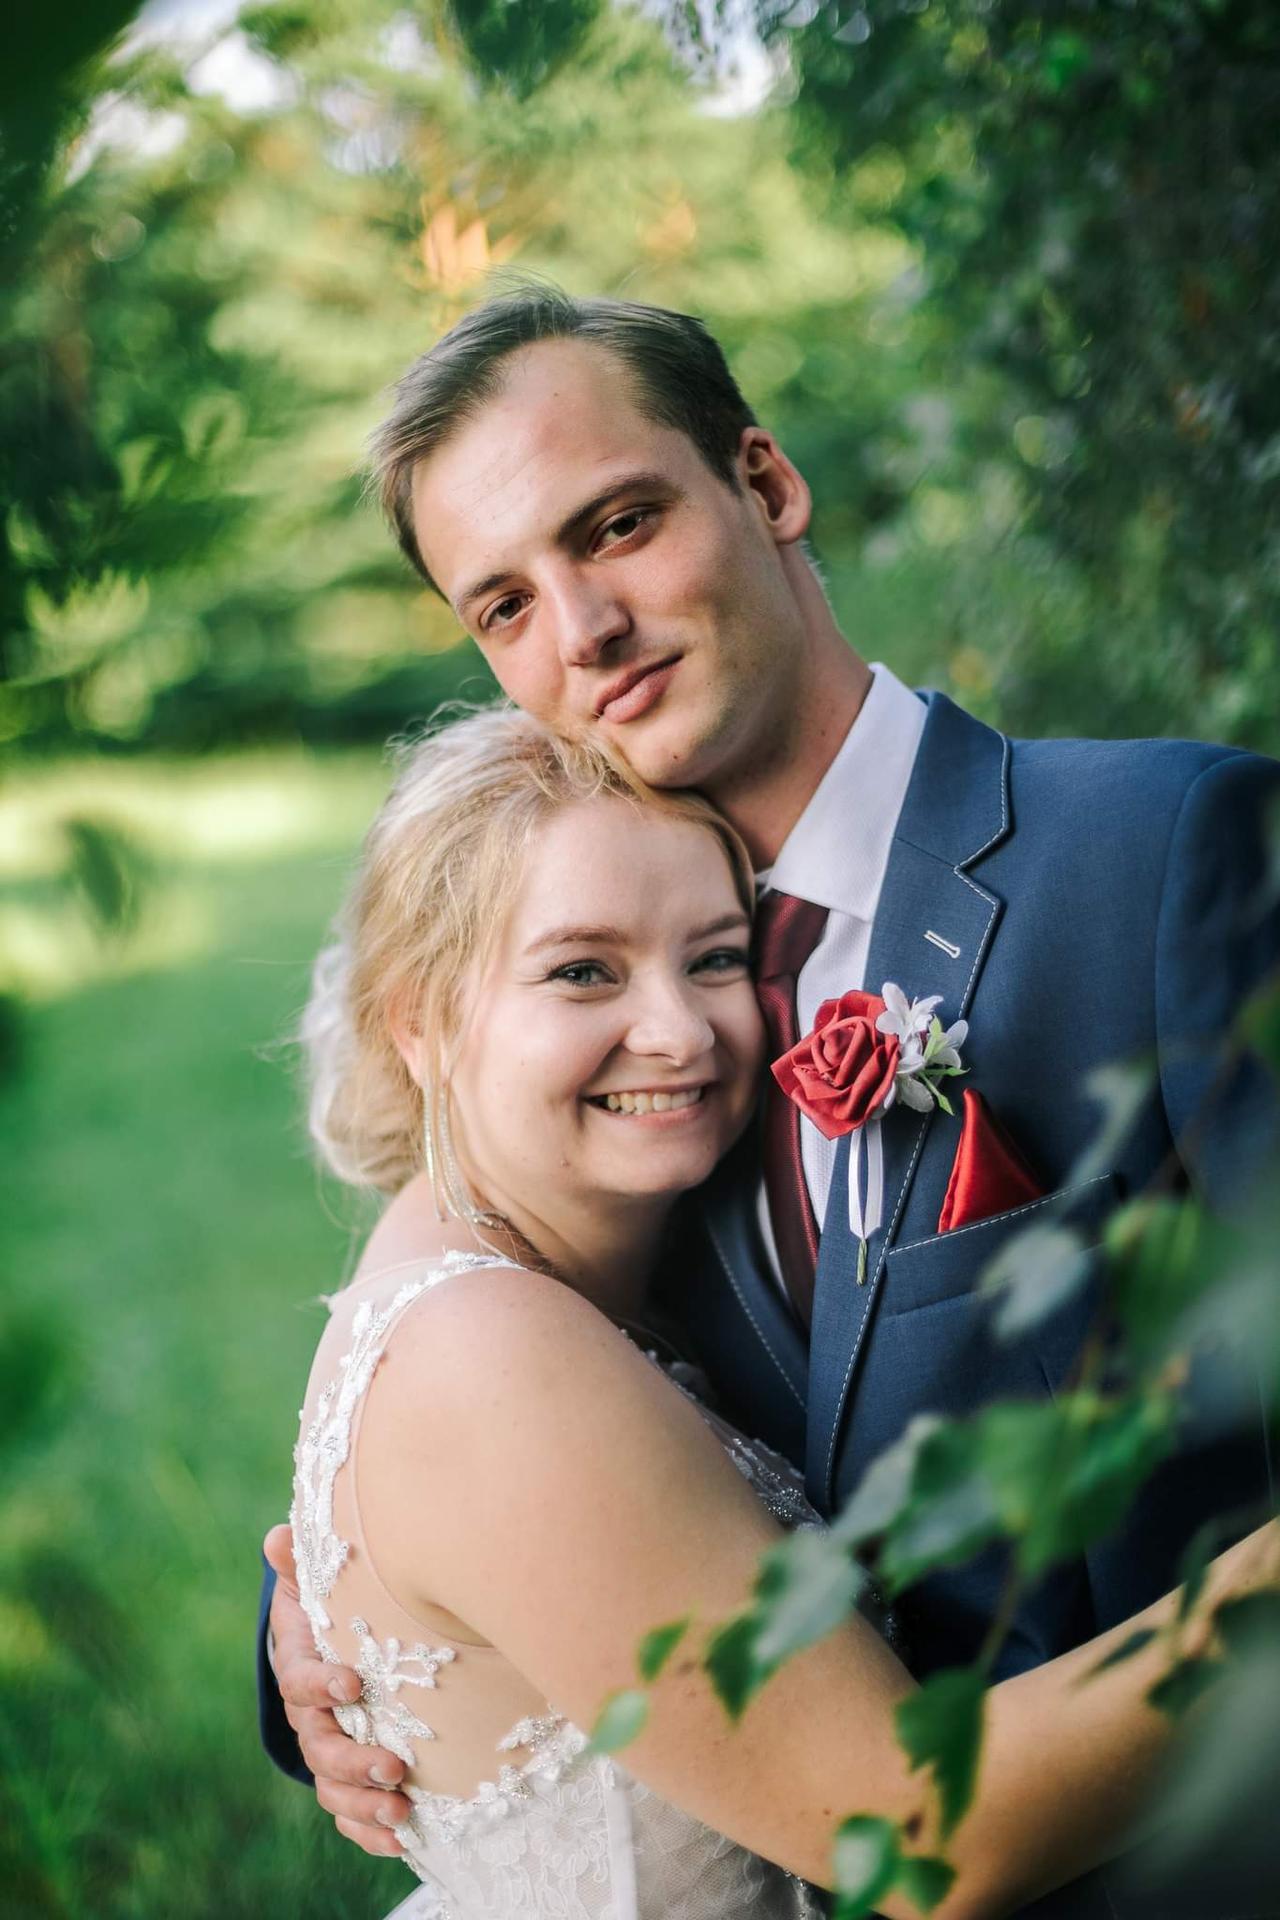 Svatba Dolce Villa - Obrázek č. 20